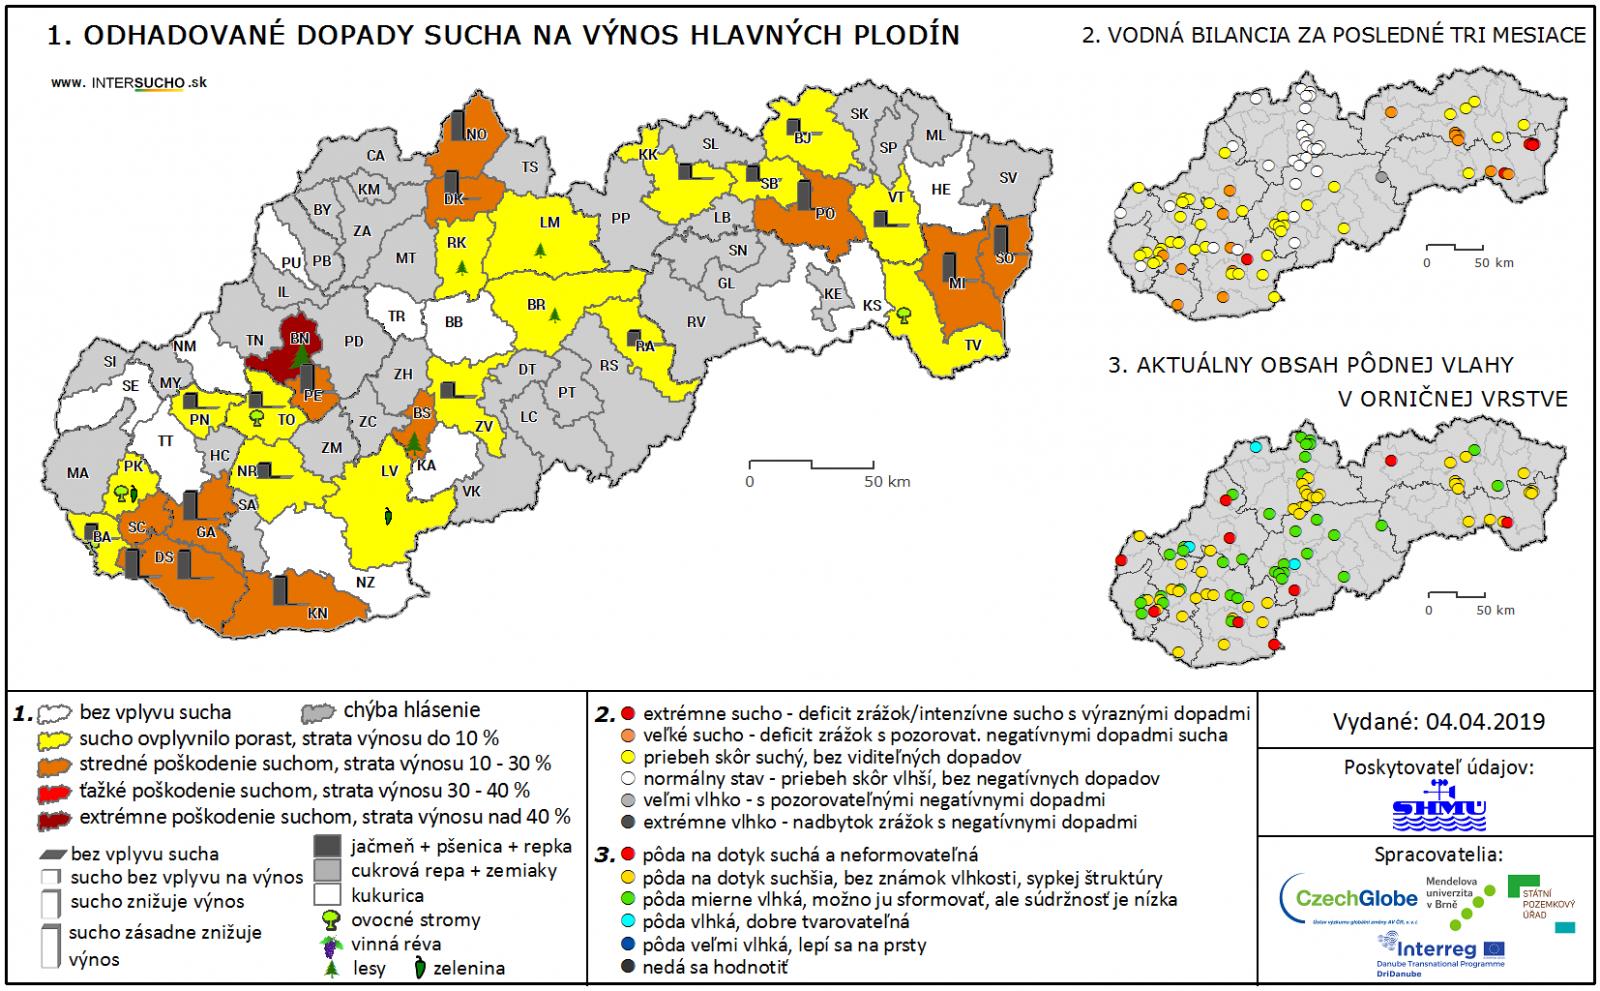 """47b1f01b50 Viac informácií nájdete na stránke www.intersucho.sk v časti """"Dopady na  poľnohospodárstvo"""" a """"Zbierajte s nami údaje""""."""